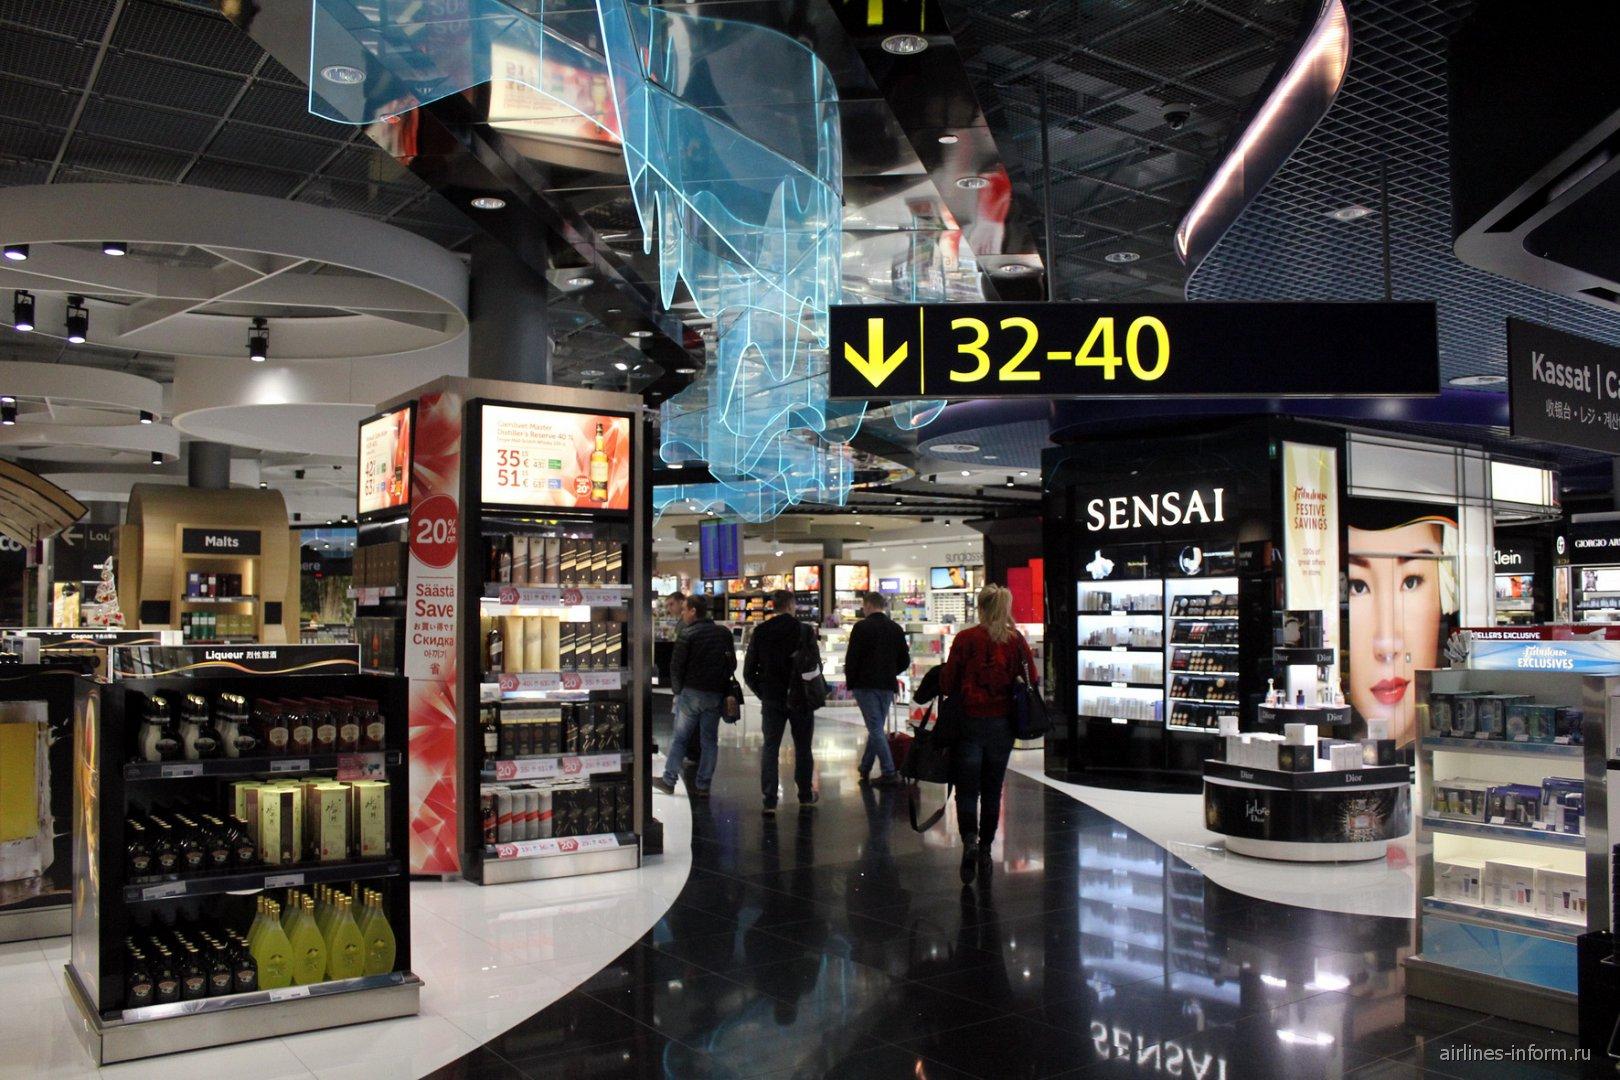 Магазин Duty Free в терминале 2 аэропорта Хельсинки Вантаа